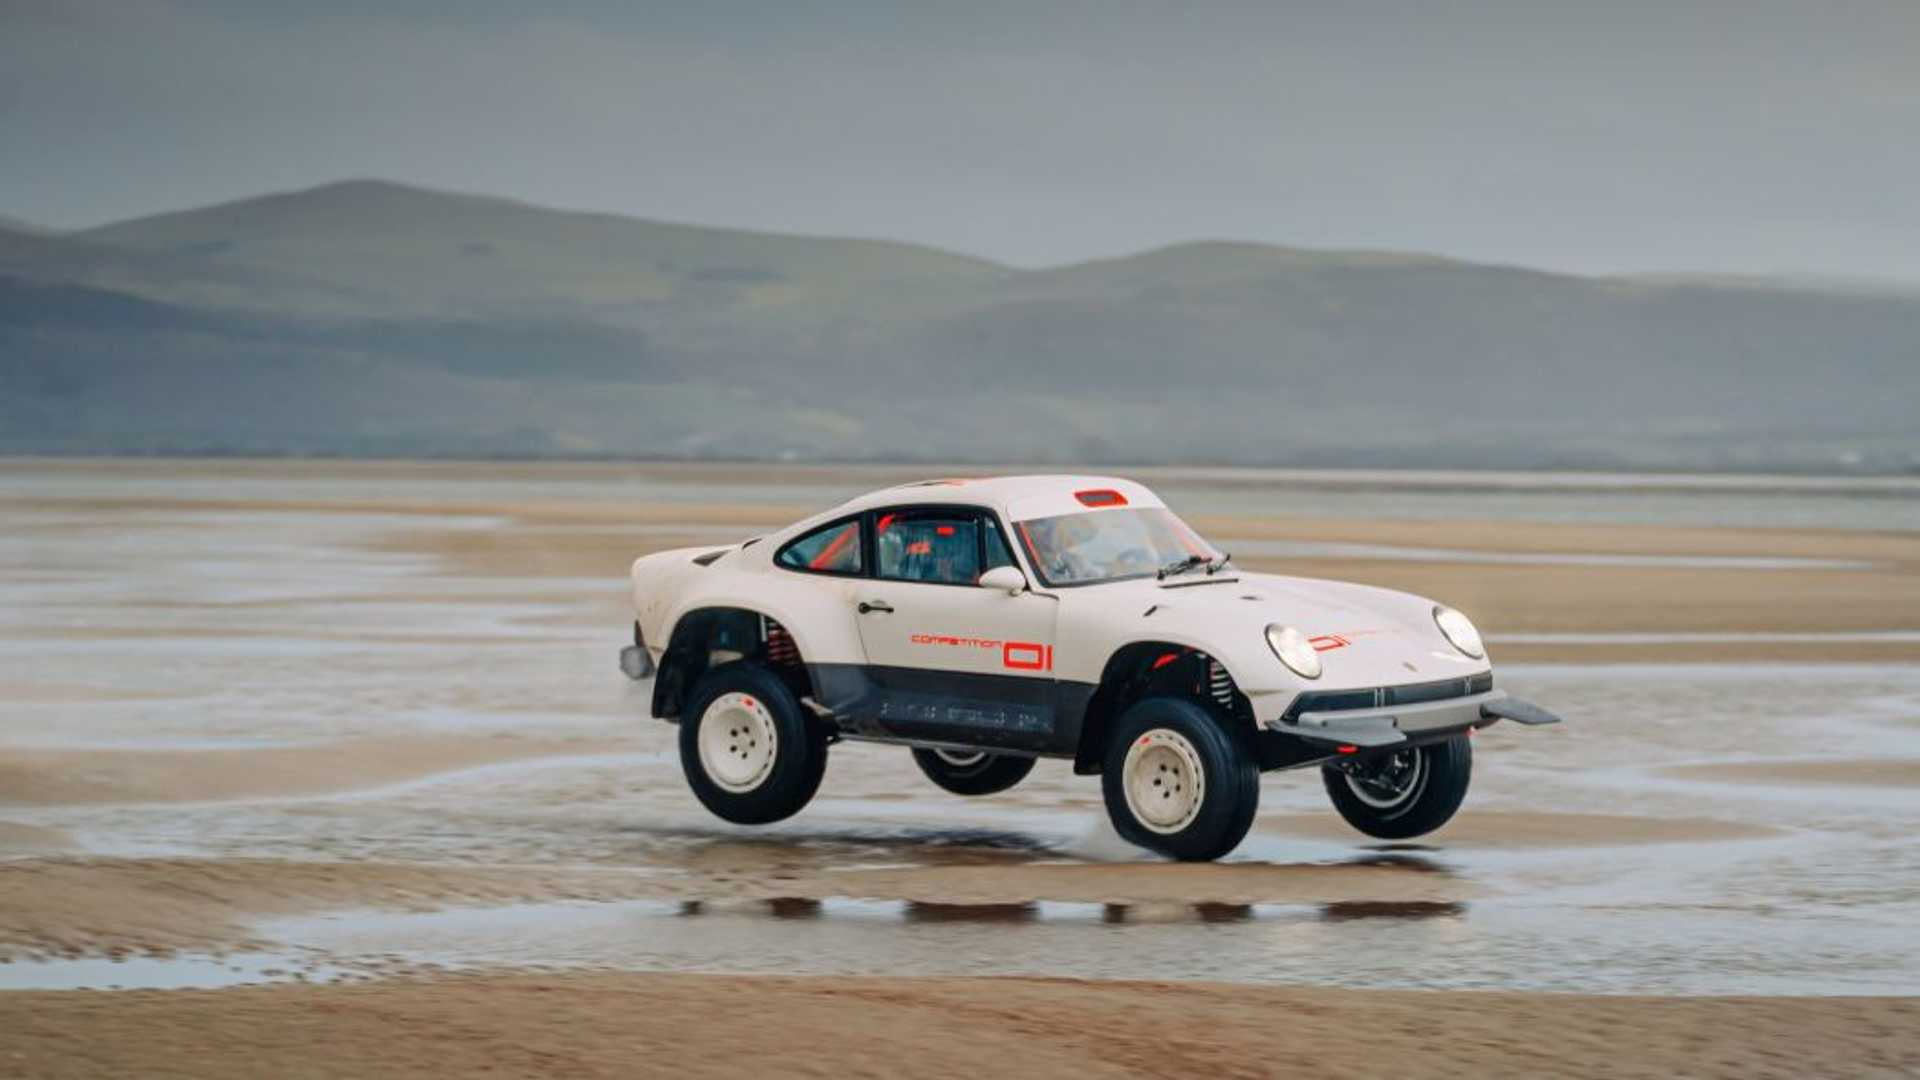 https://cdn.motor1.com/images/mgl/ErZjw/s6/singer-all-terrain-competition-study-porsche-911-safari-beach.jpg